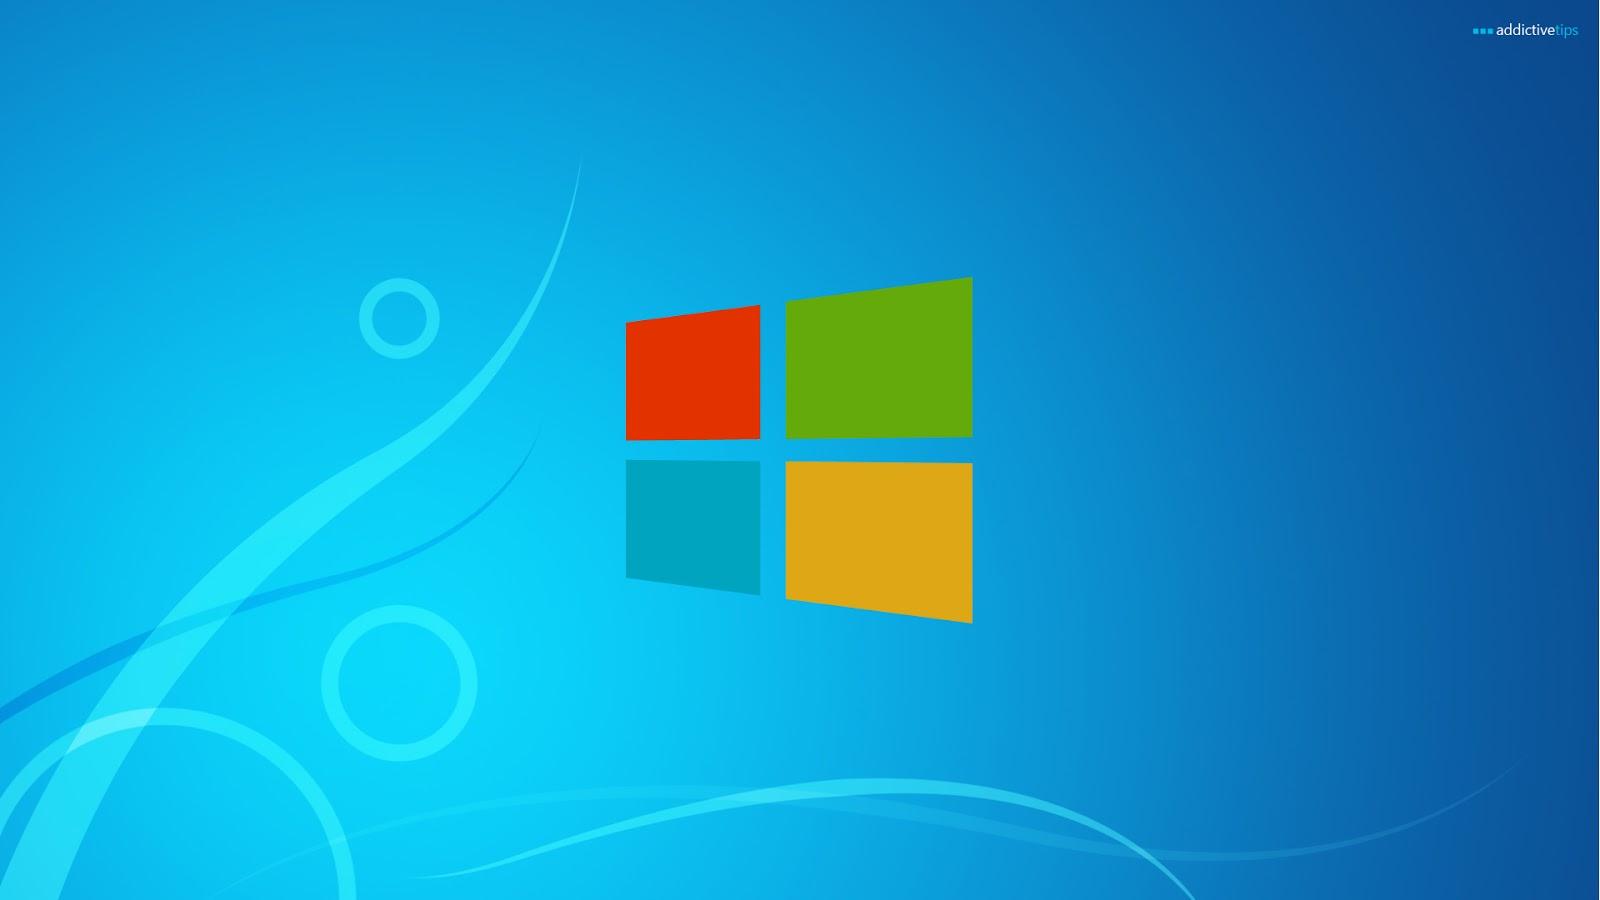 desktop 10 hd wallpapers hdwalli brands images windows 10 wallpaper 1600x900